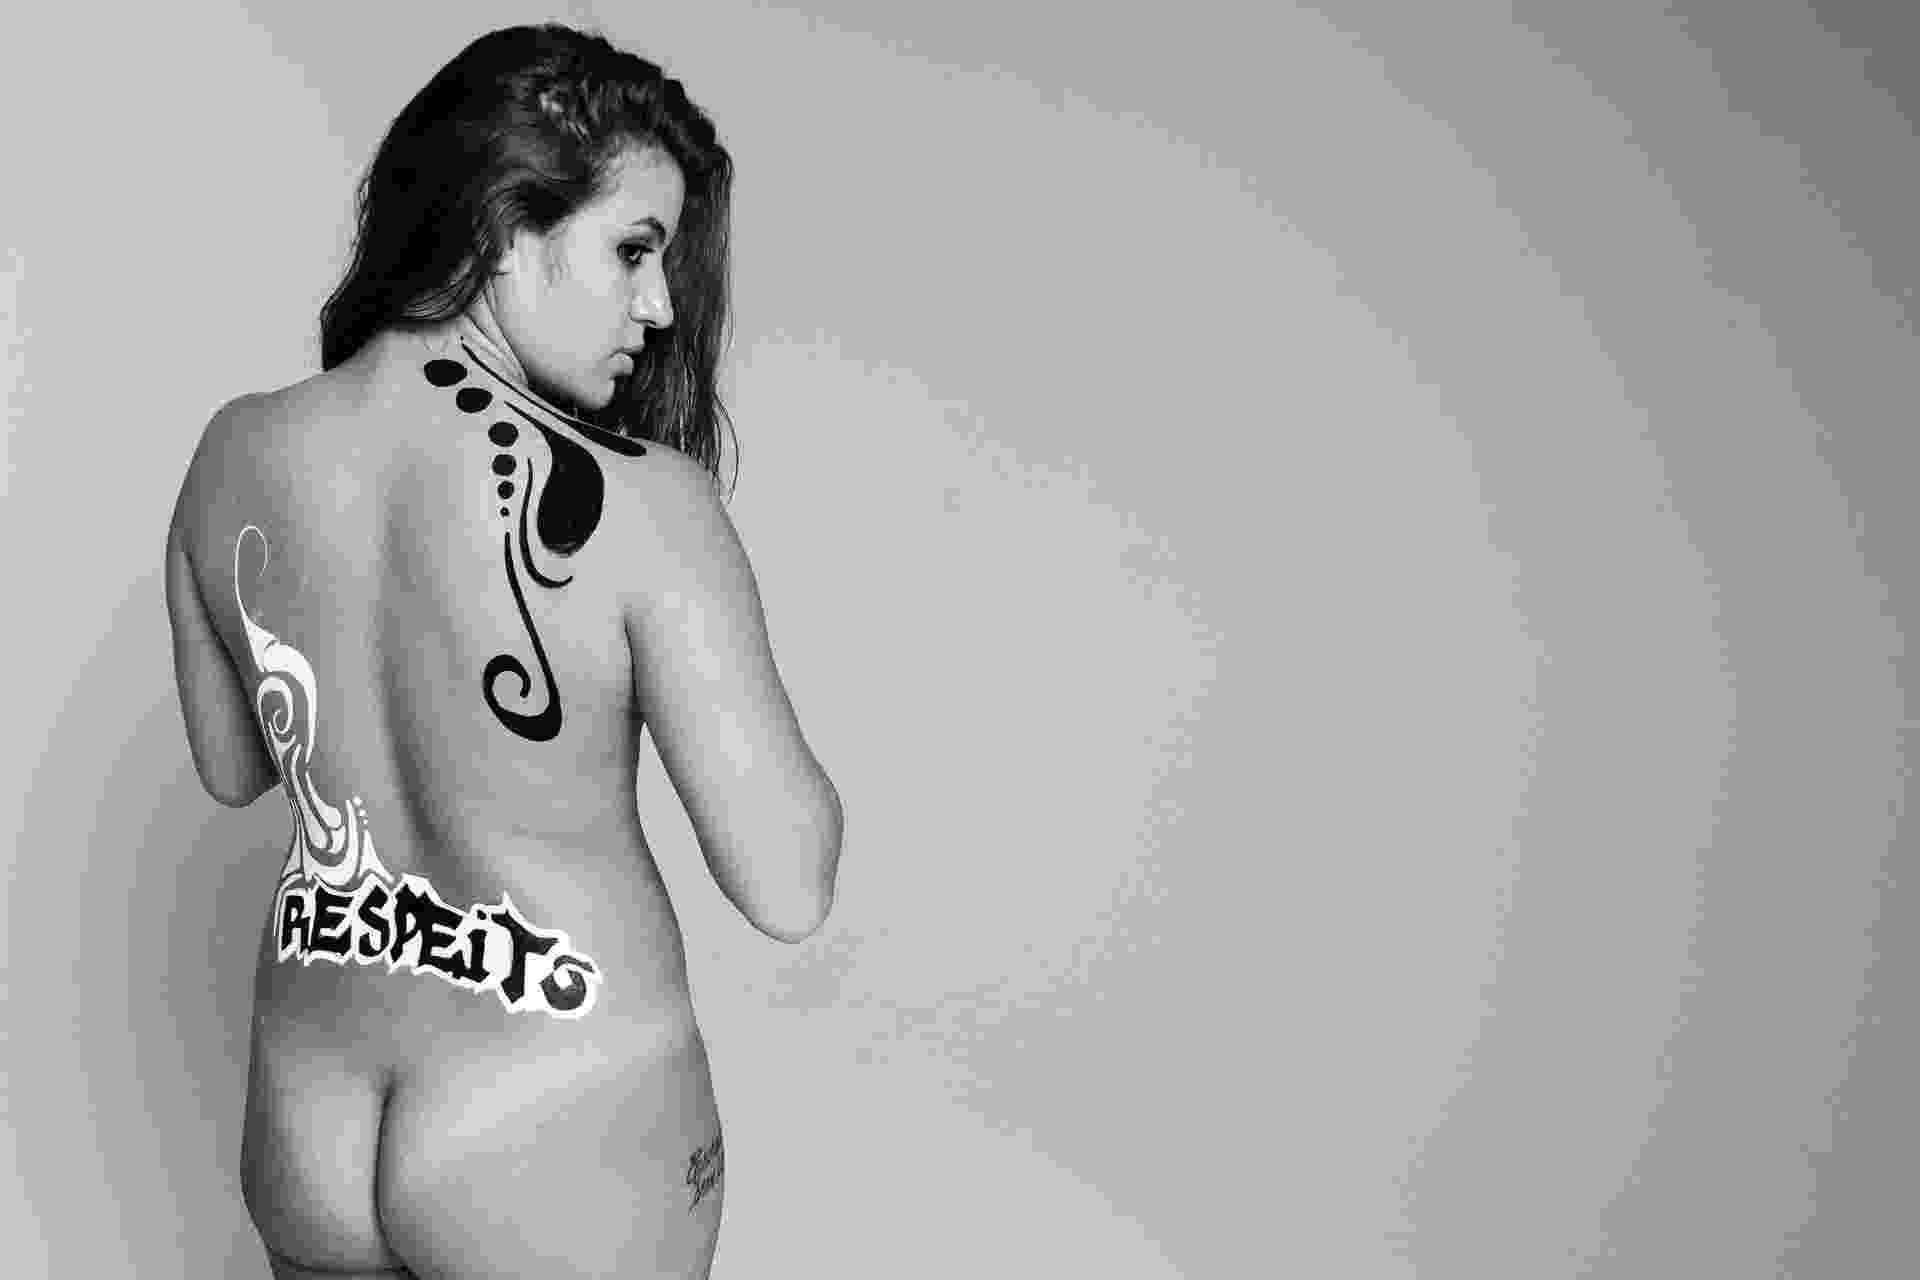 5.jul.2016 - Ensaio fotográfico do projeto Habeas Corpus, idealizado pela artista plástica Barbara Goy e pelo fotógrafo Léo Pinheiro do C41 Estúdio, com o objetivo de denunciar o machismo e a cultura do estupro. Seis mulheres e uma transexual foram pintadas pela artista com frases de empoderamento feminino e de protesto ao machismo e a opressão. O projeto pretende se tornar uma exposição itinerante e visa servir de voz para mulheres e dar um fim a cultura de opressão que ainda se faz forte nos dias de hoje - Léo Pinheiro/C41 Estúdio